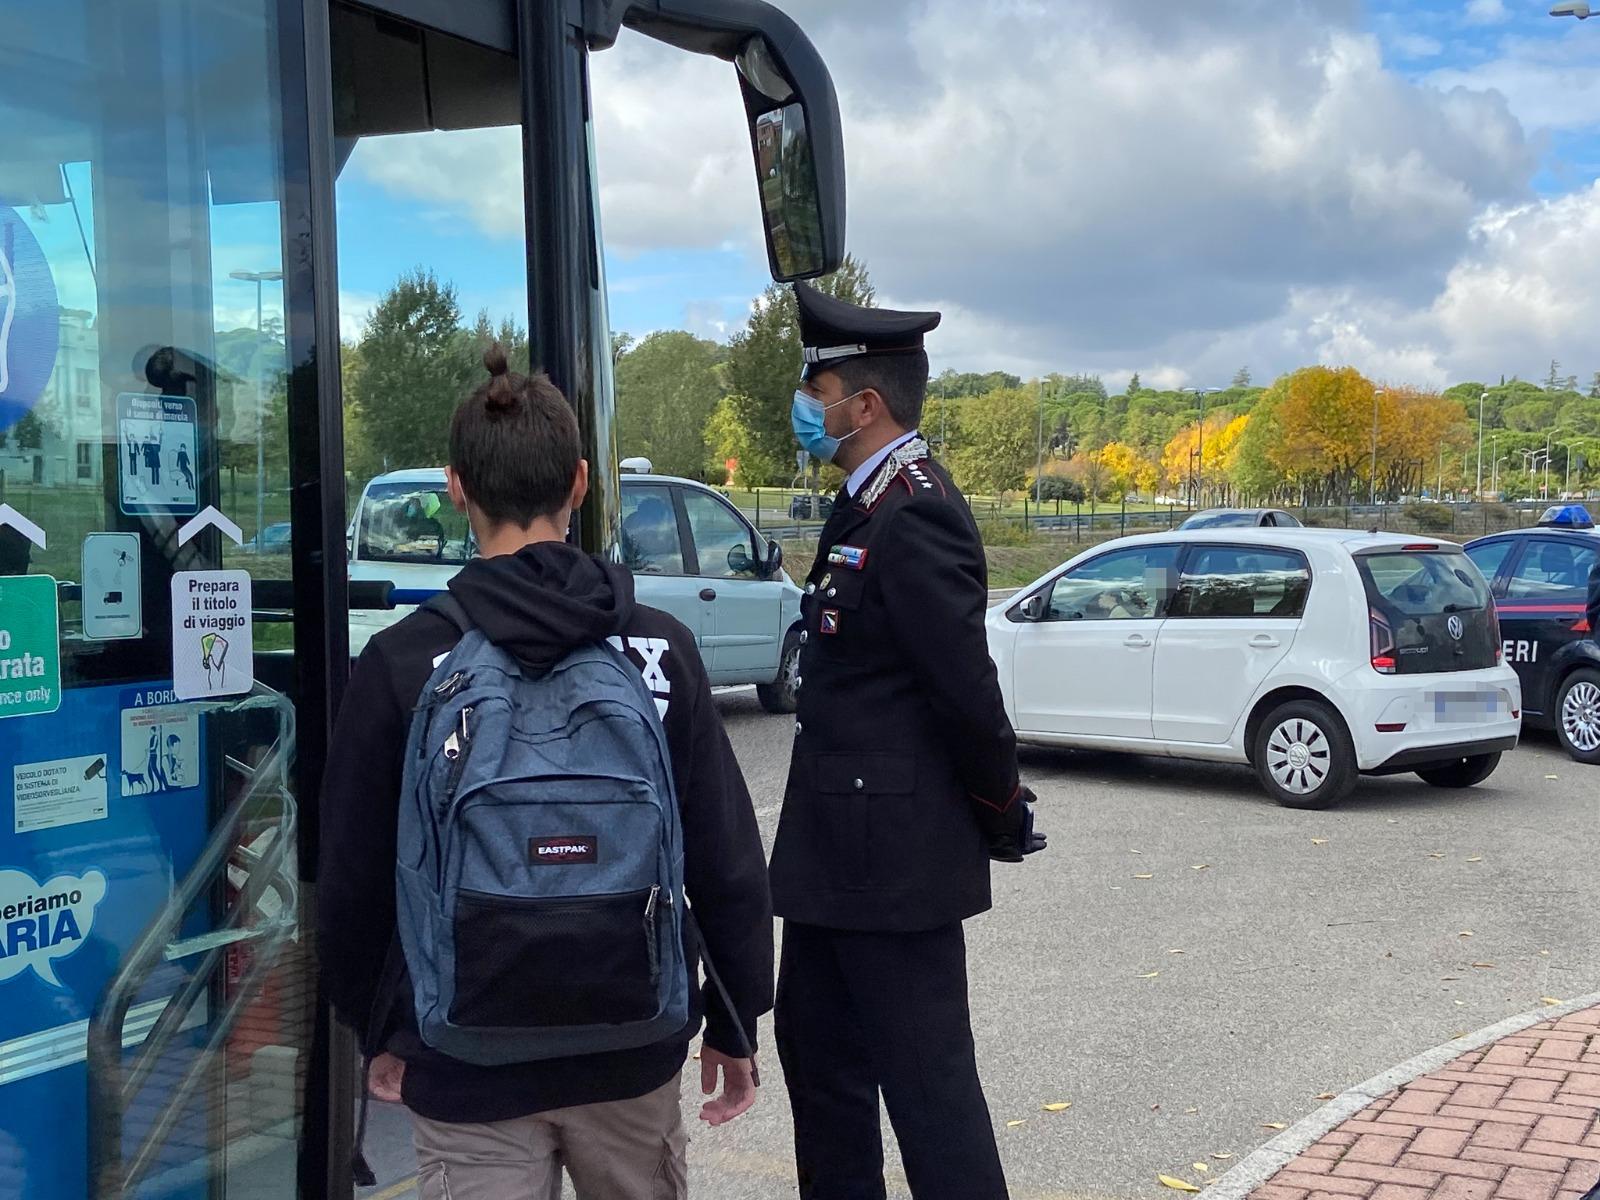 Imola, i Carabinieri al lavoro vicino le fermate dei bus per controllare il rispetto delle norme anti Covid